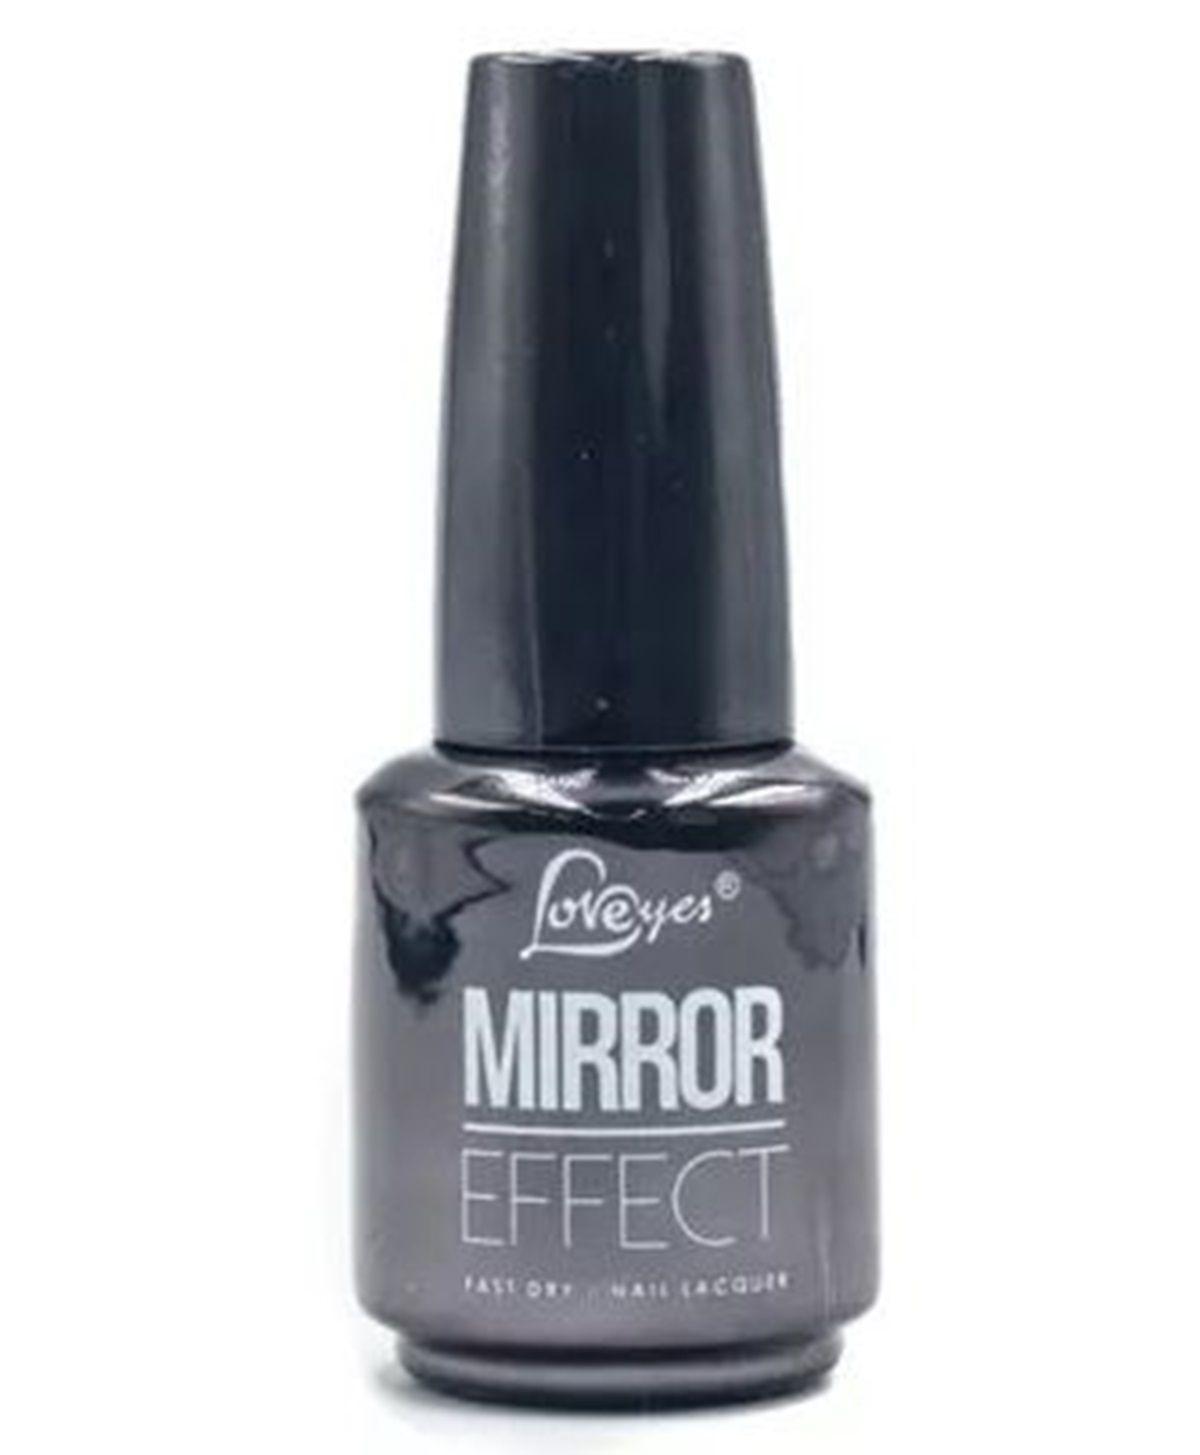 Esmalte Cromado Metalizado Gray 05 Mirror Effect Efeito Gel Love Yes